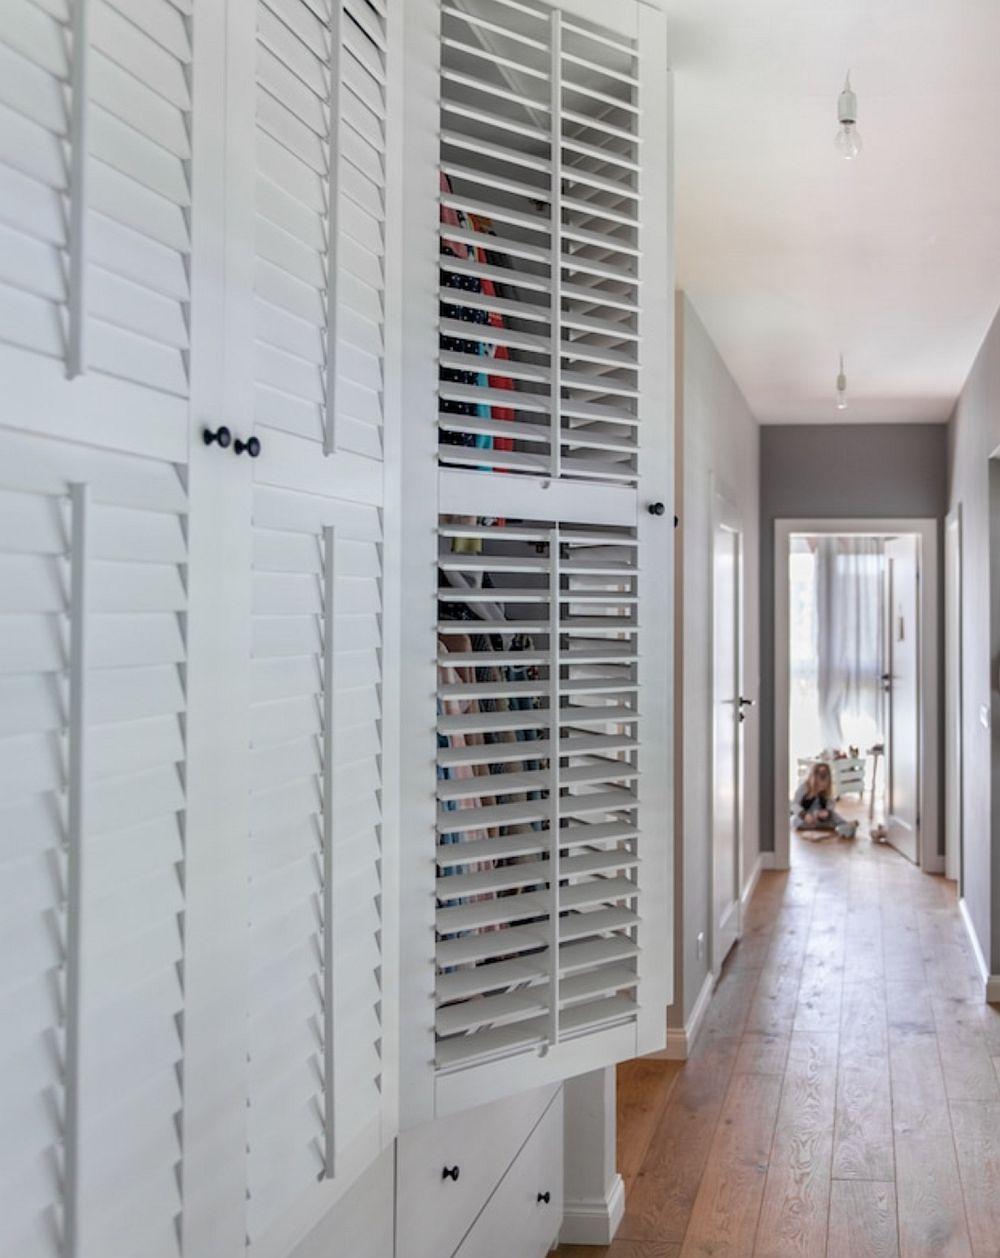 Și holul de la eyaj este mobilat, având în vedere faptul că nu s-au dorit dulapuri în dormitoare, acestea fiind oricum de dimensiuni mici. Ușile de dulap sub formă de oblooane (de faptu uși lamelare) dau un aer de vacanță acestui spațiu.